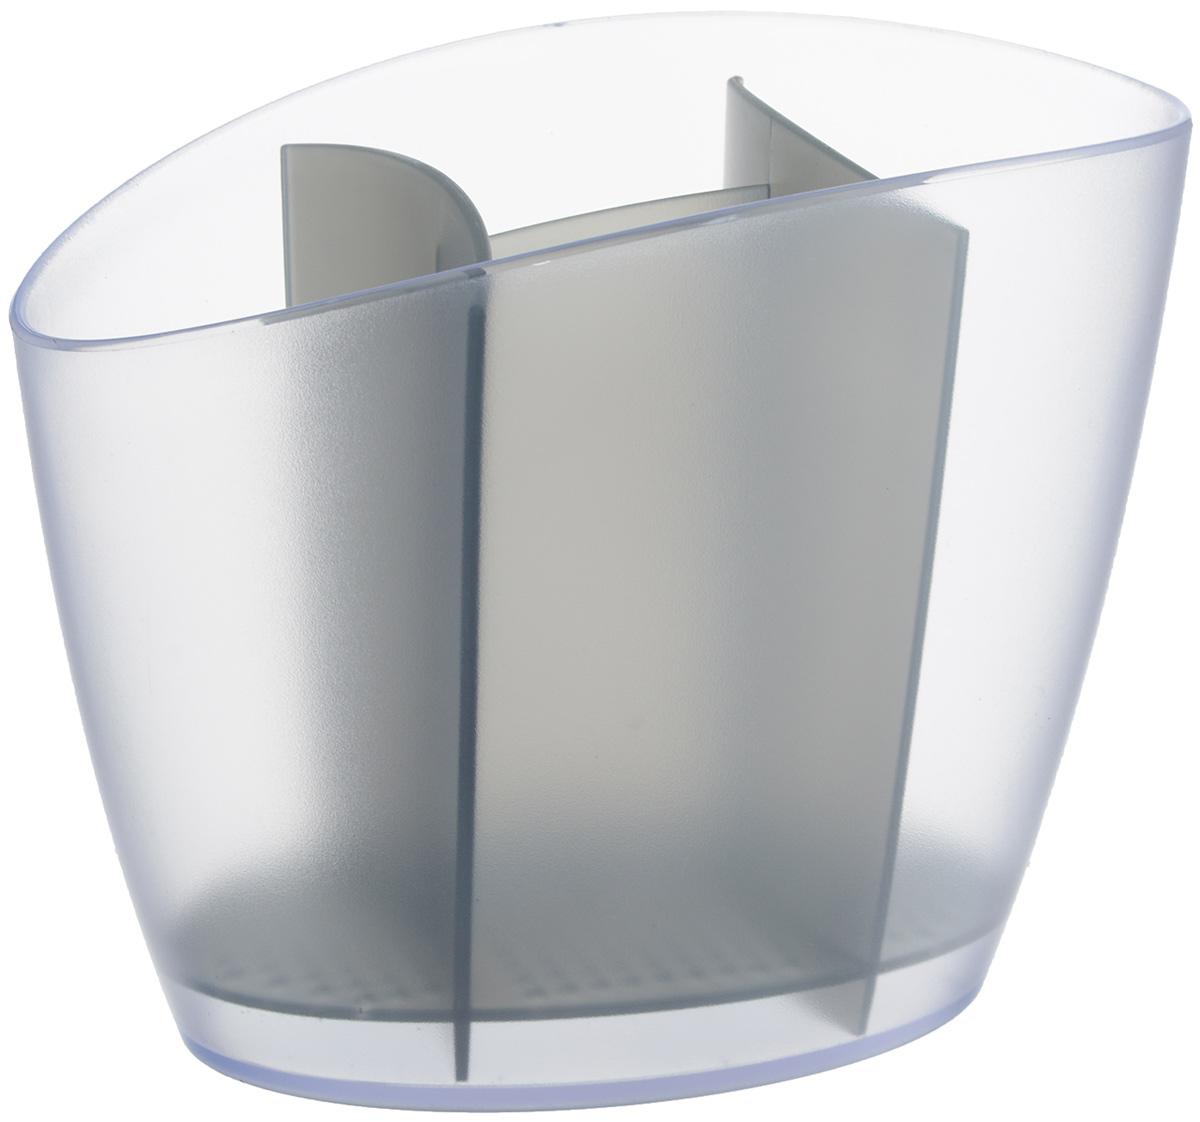 Сушилка для столовых приборов Tescoma Clean Kit, цвет: серый, 19,5 х 11 х 15,5 смVT-1520(SR)Сушилка Tescoma Clean Kit, выполненная из высококачественного пластика, прекрасно подходит для столовых приборов. Для легкости очищения снабжена вынимающейся подставкой для стока воды. Изделие хорошо впишется в интерьер, не займет много места, а столовые приборы будут всегда под рукой.Можно мыть в посудомоечной машине.Размер изделия: 19,5 х 11 х 15,5 см.